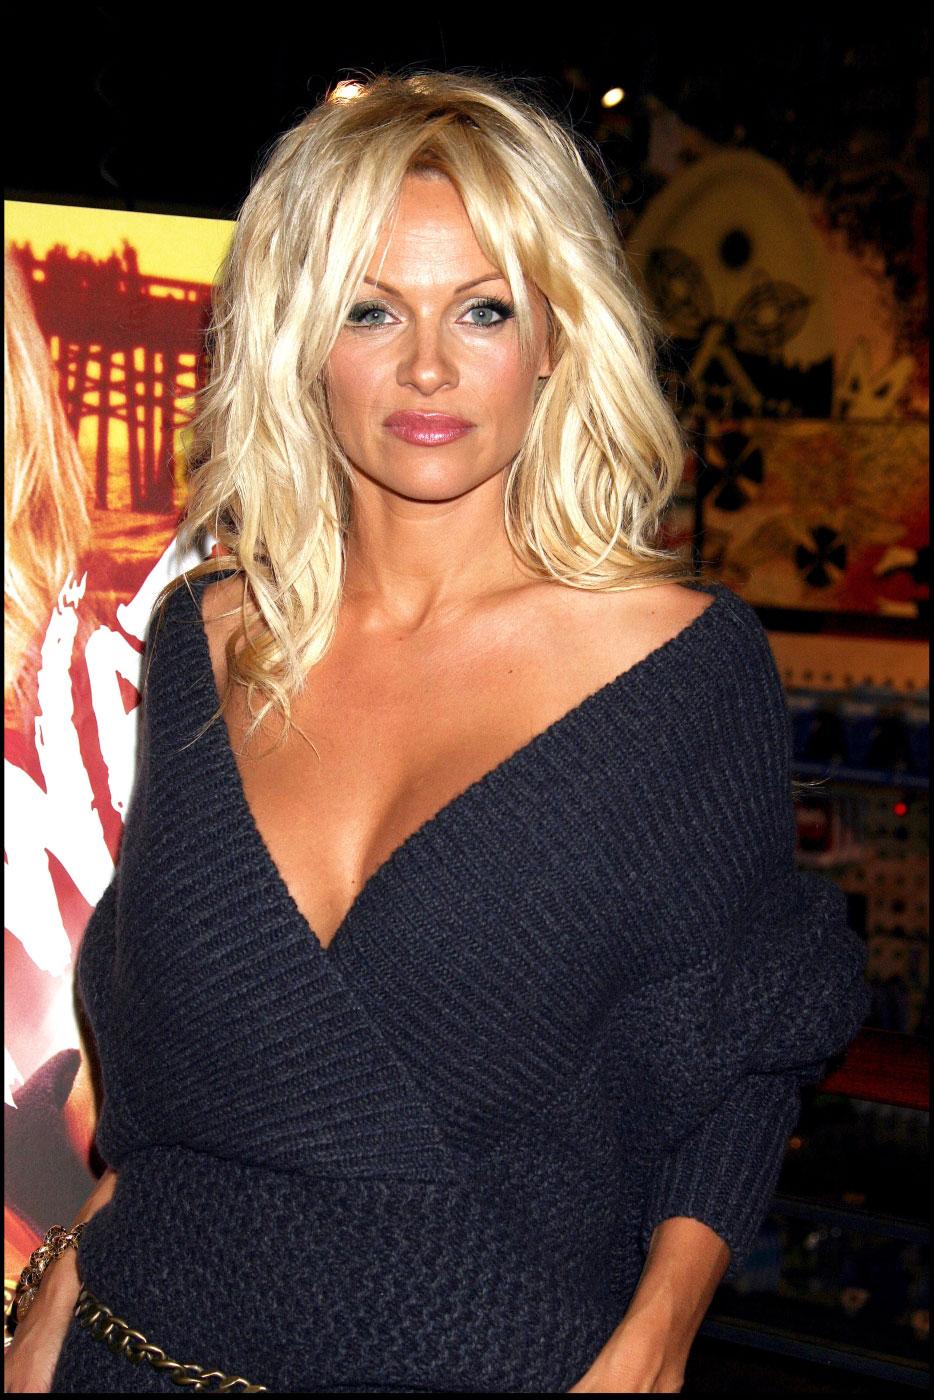 Pamela Anderson Frisur Zum Ausprobieren In EFrisuren